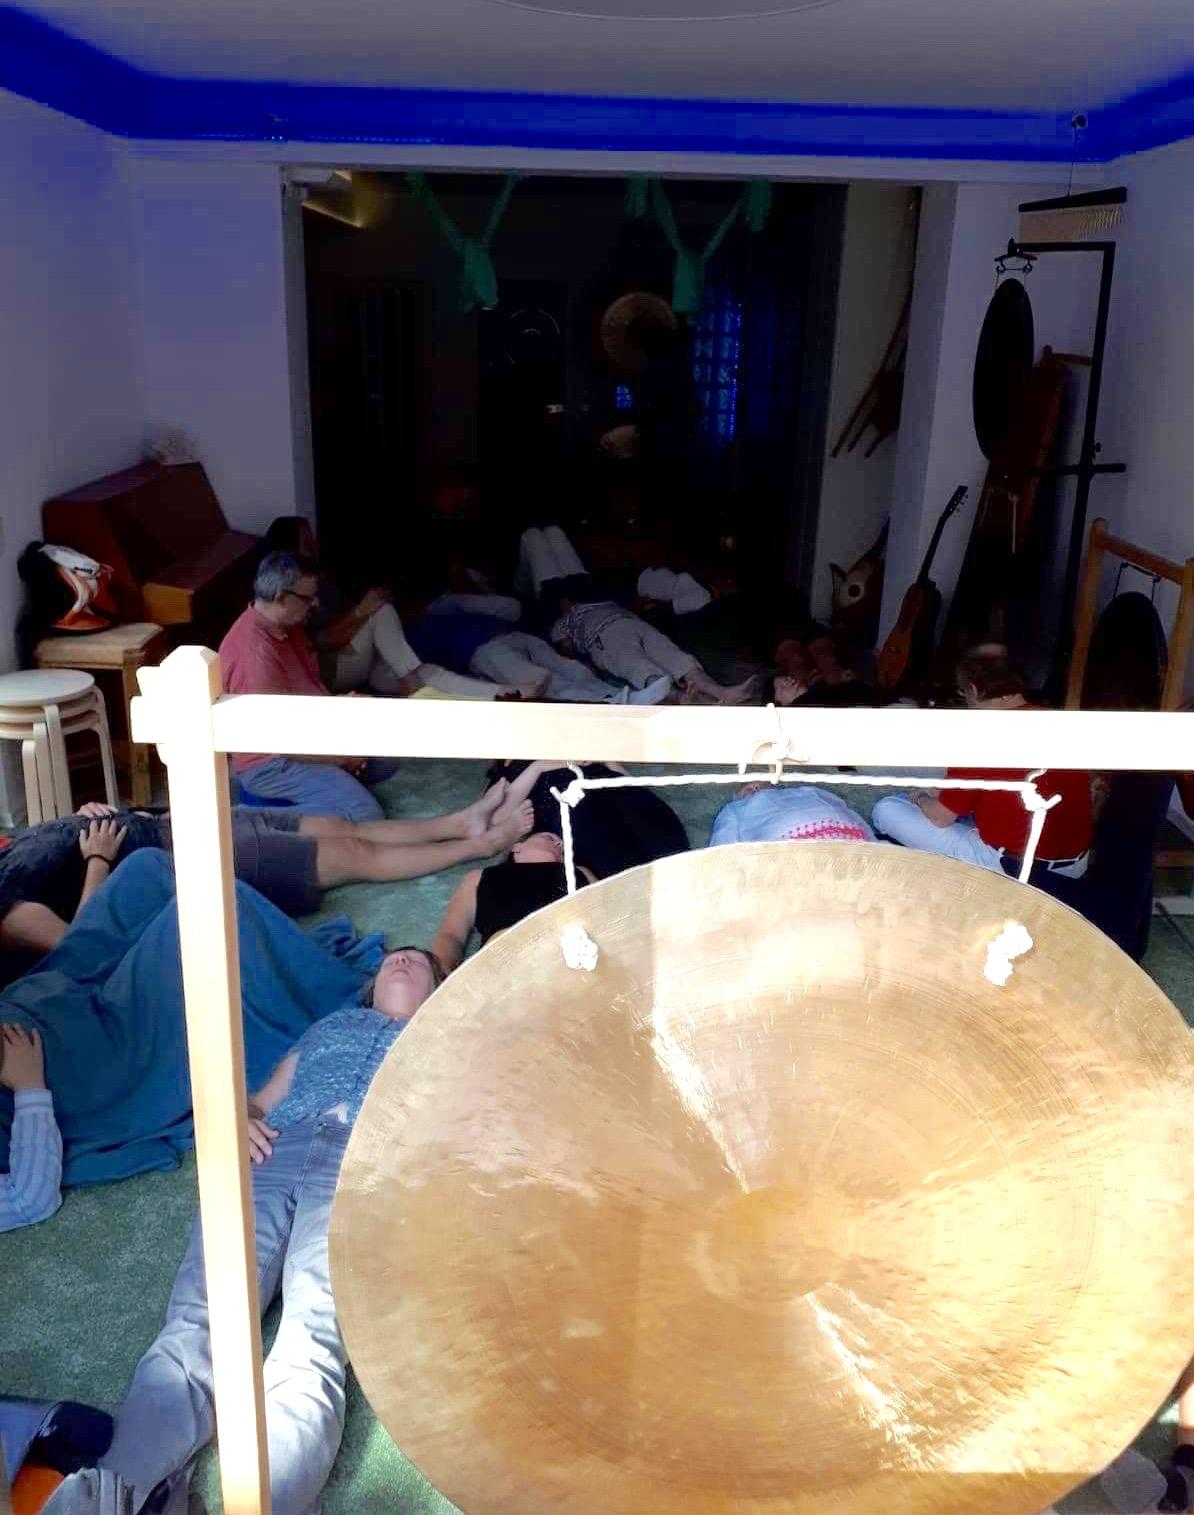 Der Klangraum überfüllt mit Teilnegmer*innen beim Klangbad zum Eröffnungstag